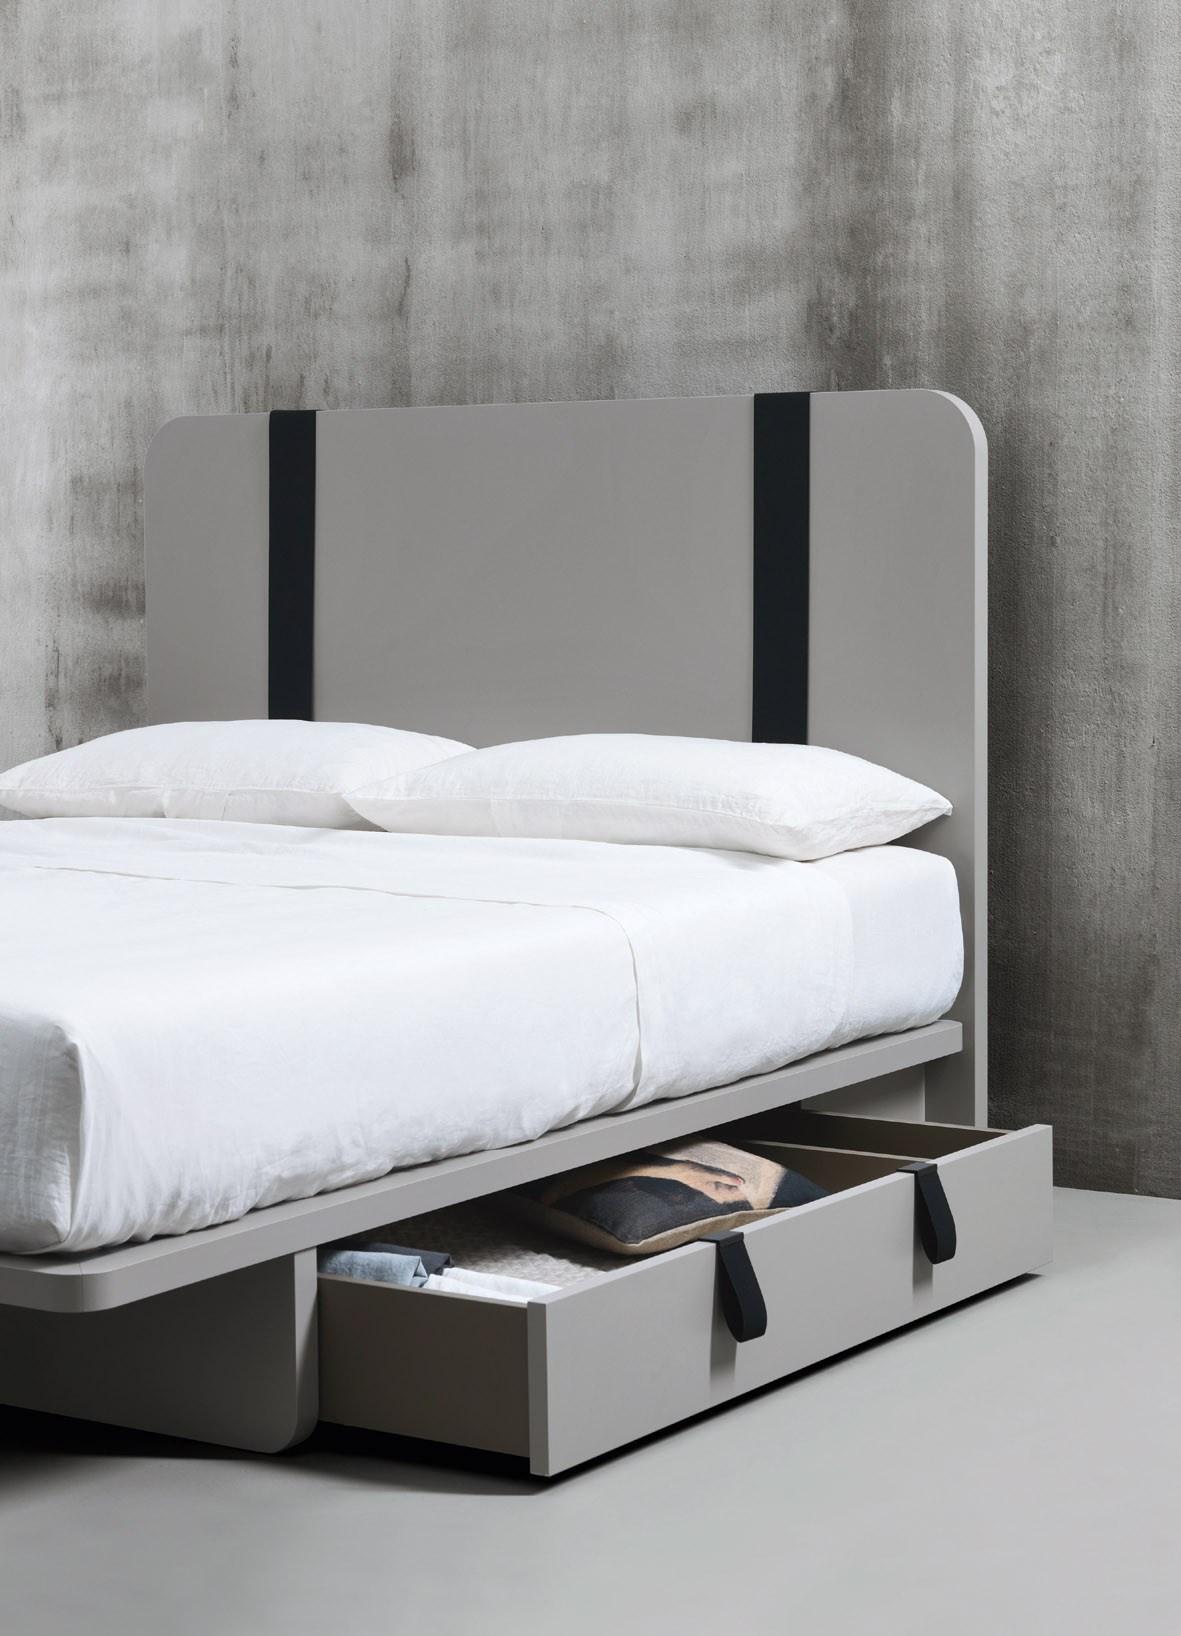 La camera da letto secondo caccaro - Libro amici di letto ...